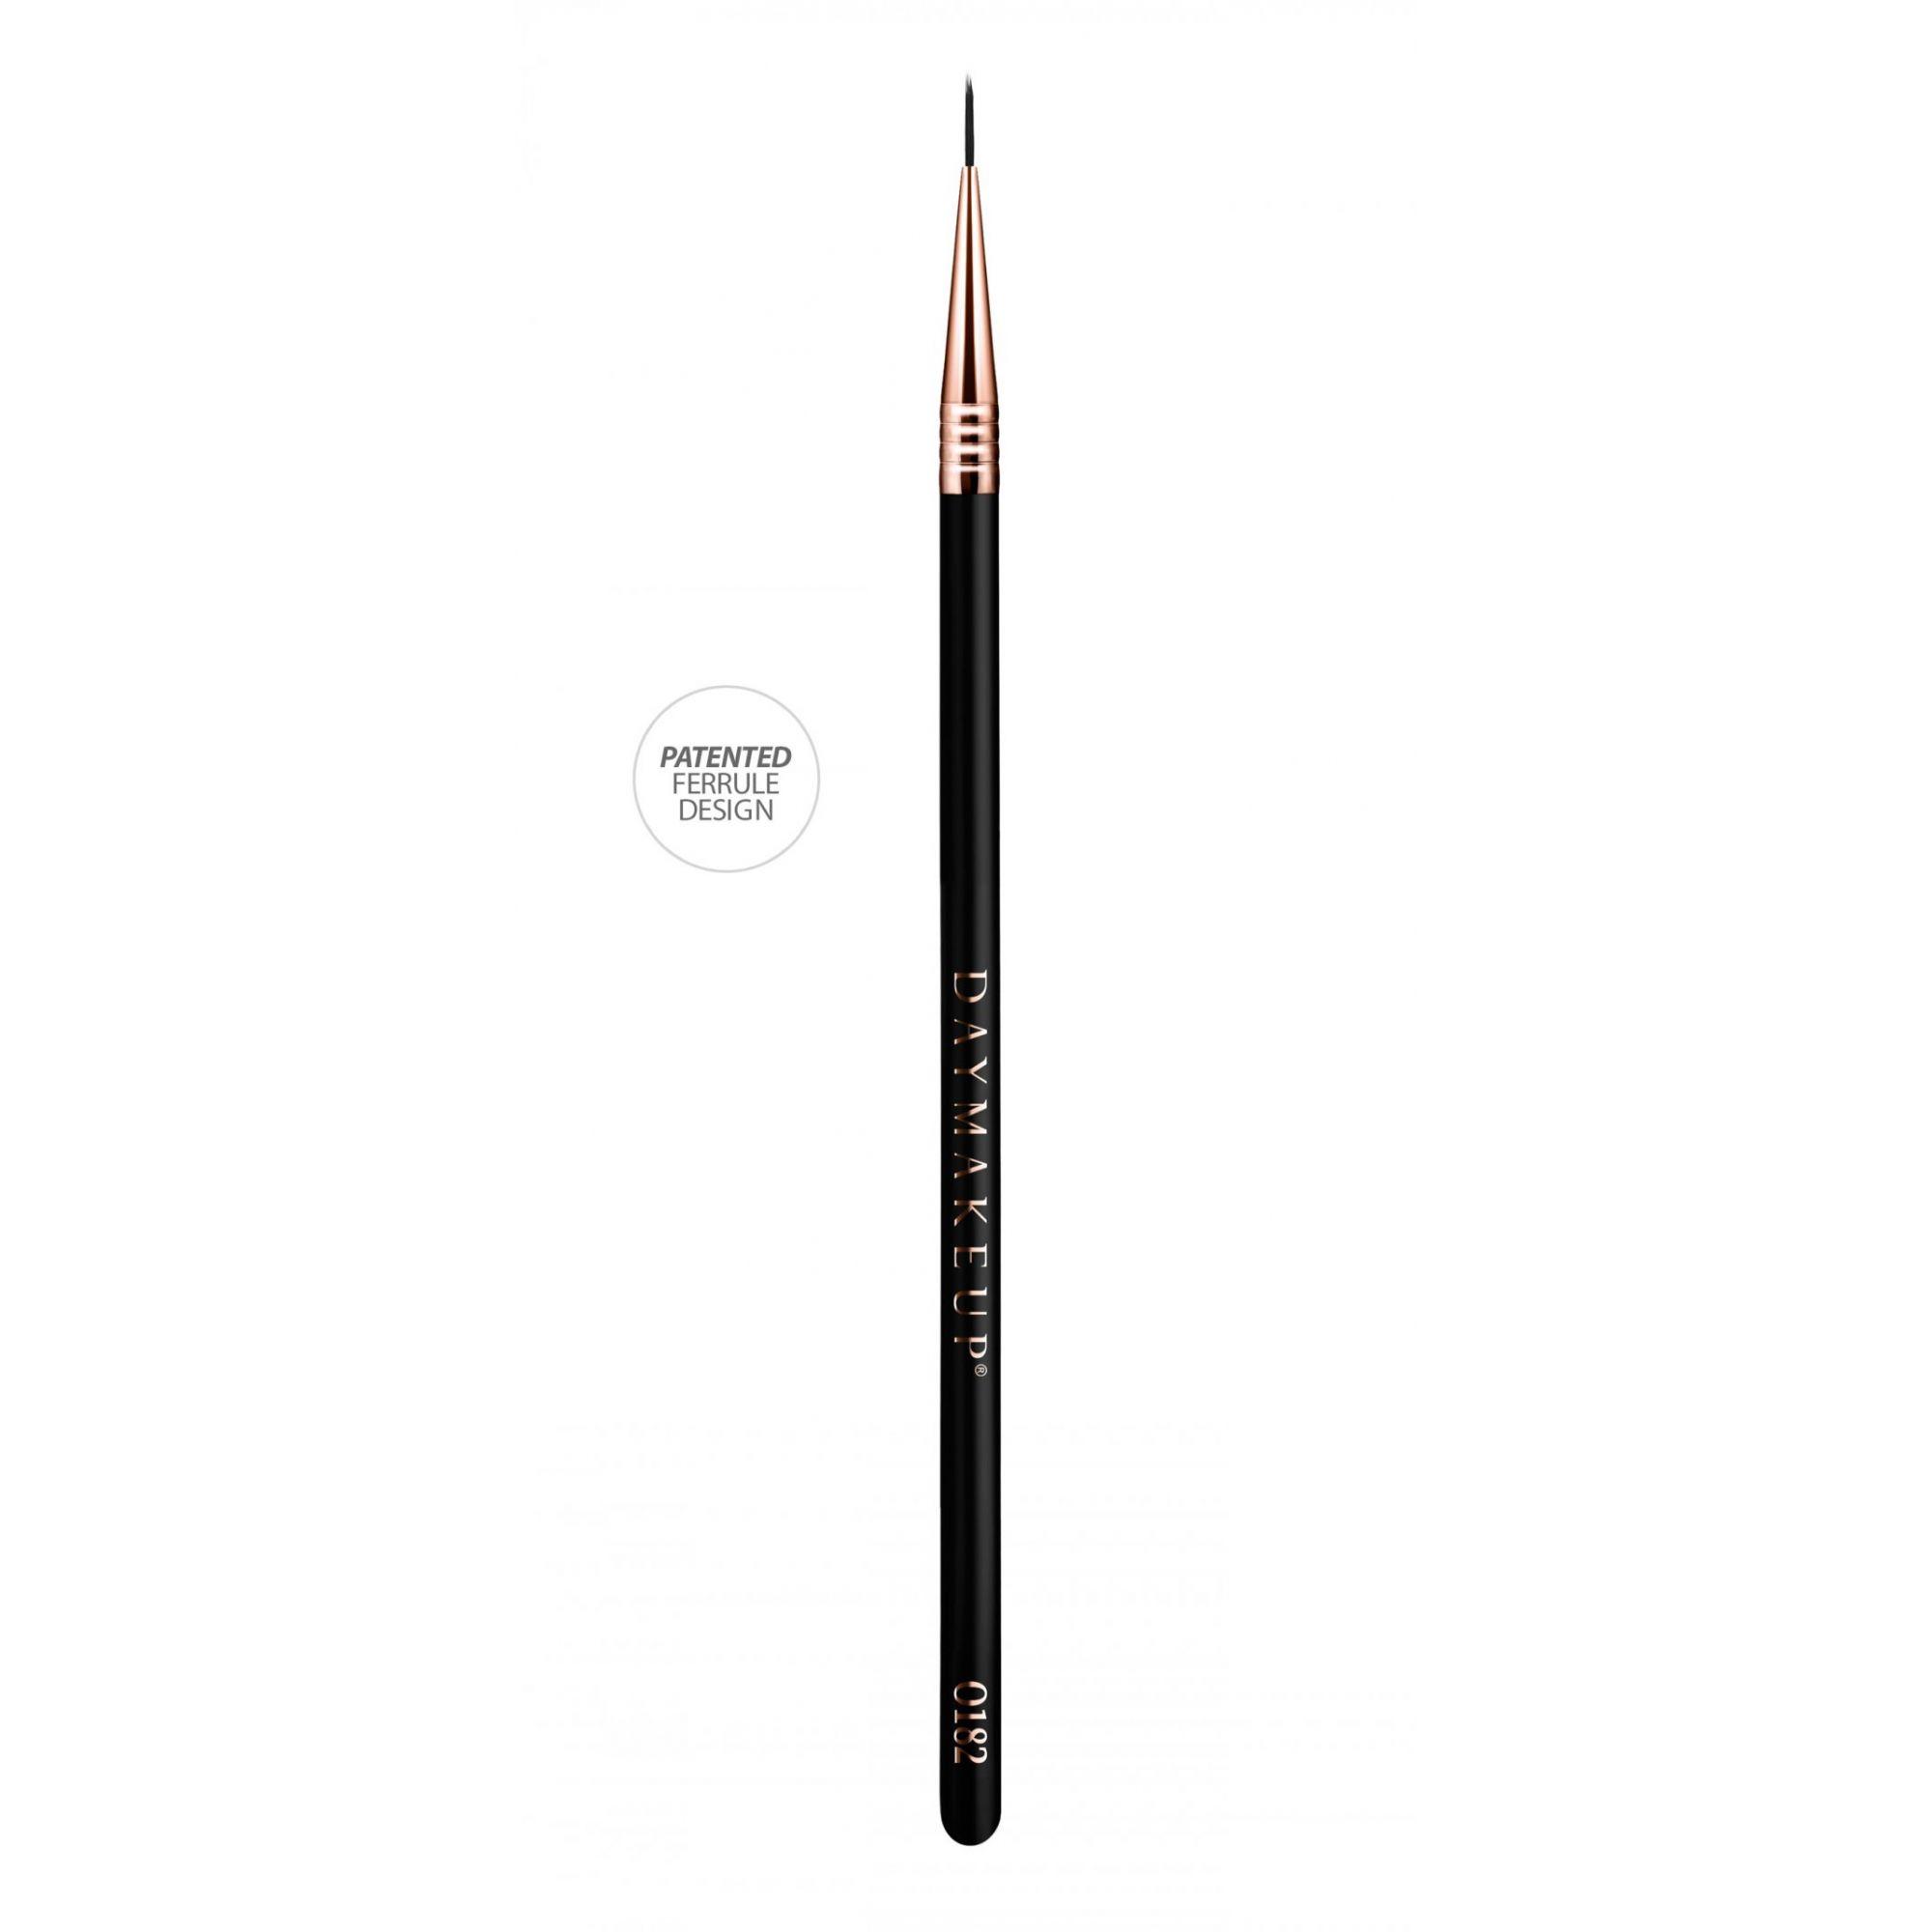 O182 Pincel Delineador de Precisão - Day Makeup